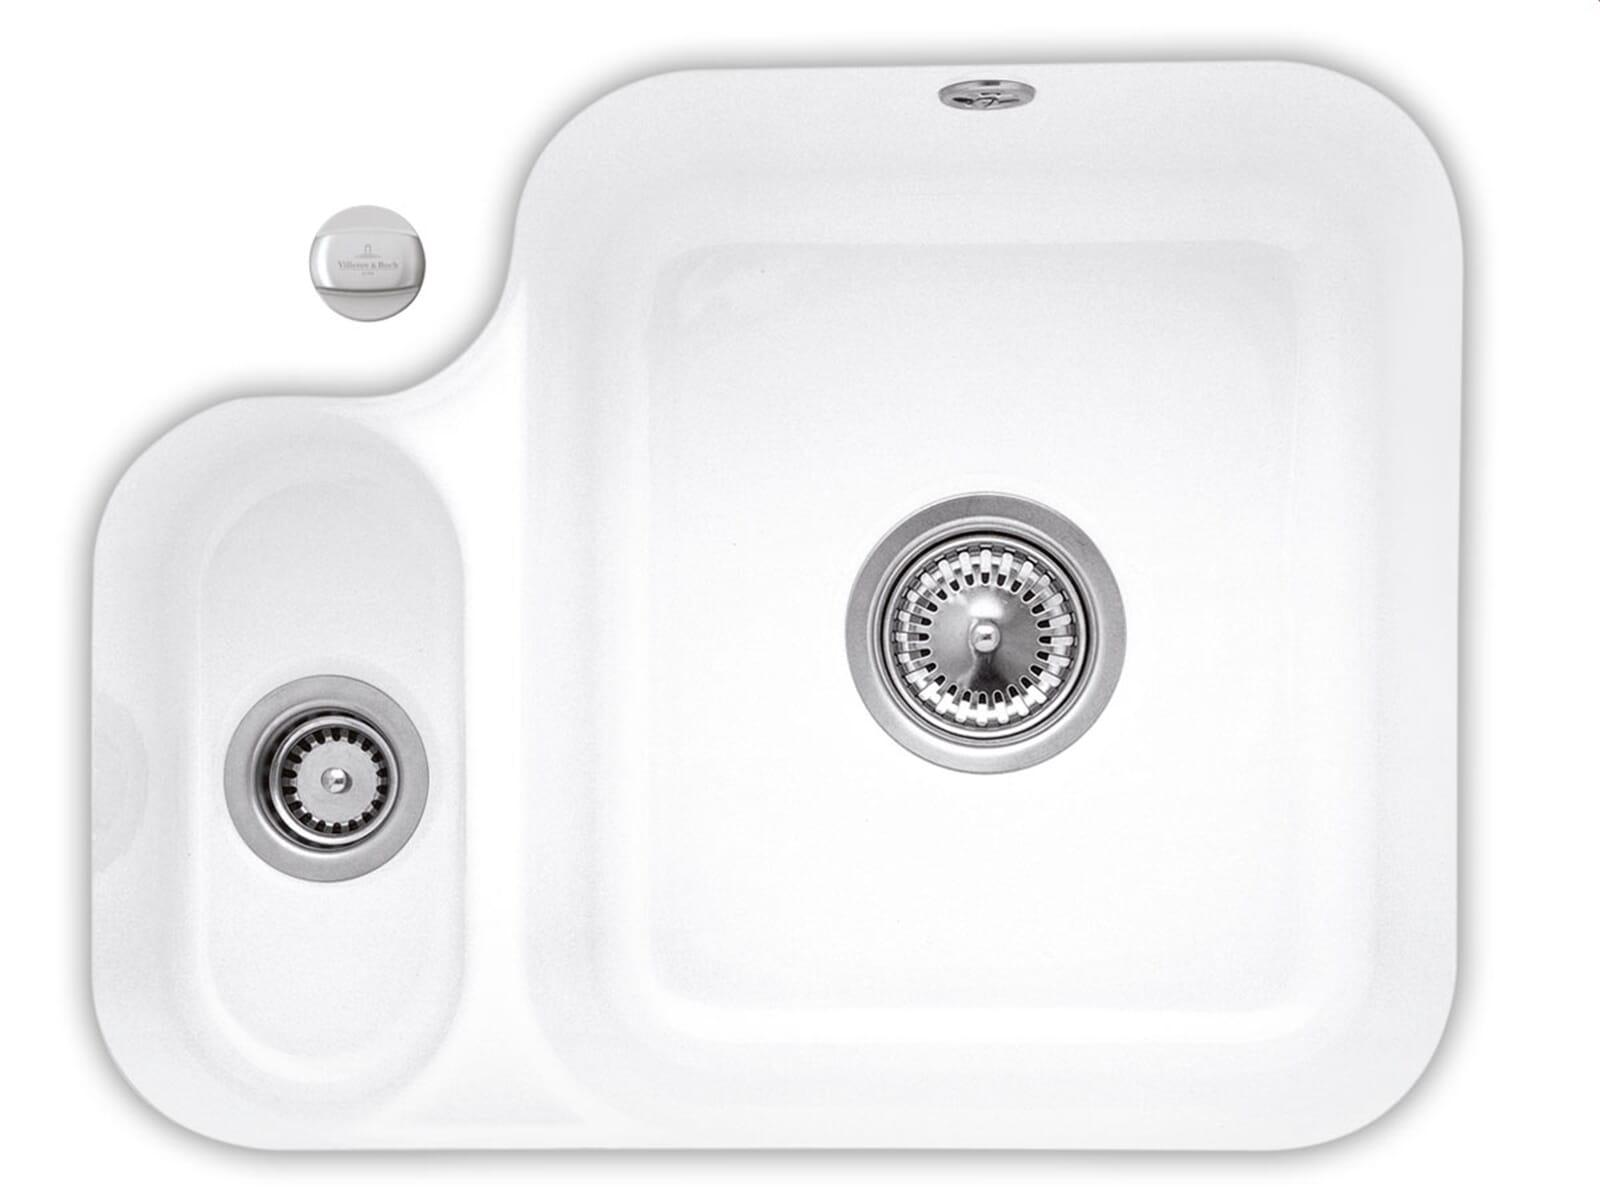 Villeroy & Boch Cisterna 60B Weiß (alpin) - 6702 02 R1 Keramikspüle Exzenterbetätigung